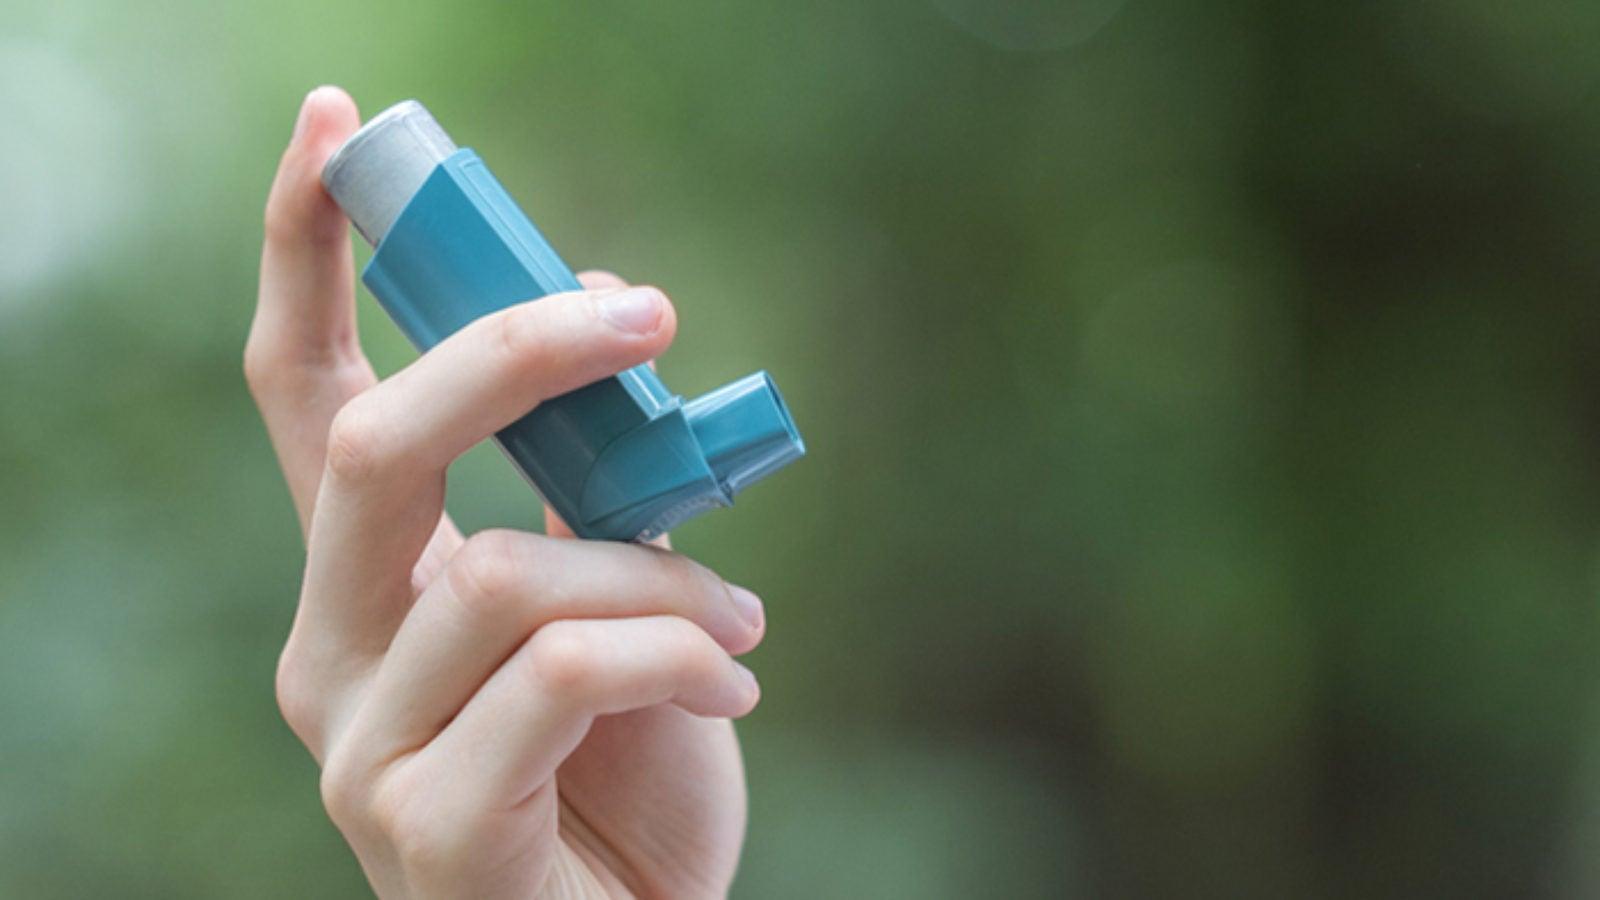 hand holding a asthma inhaler